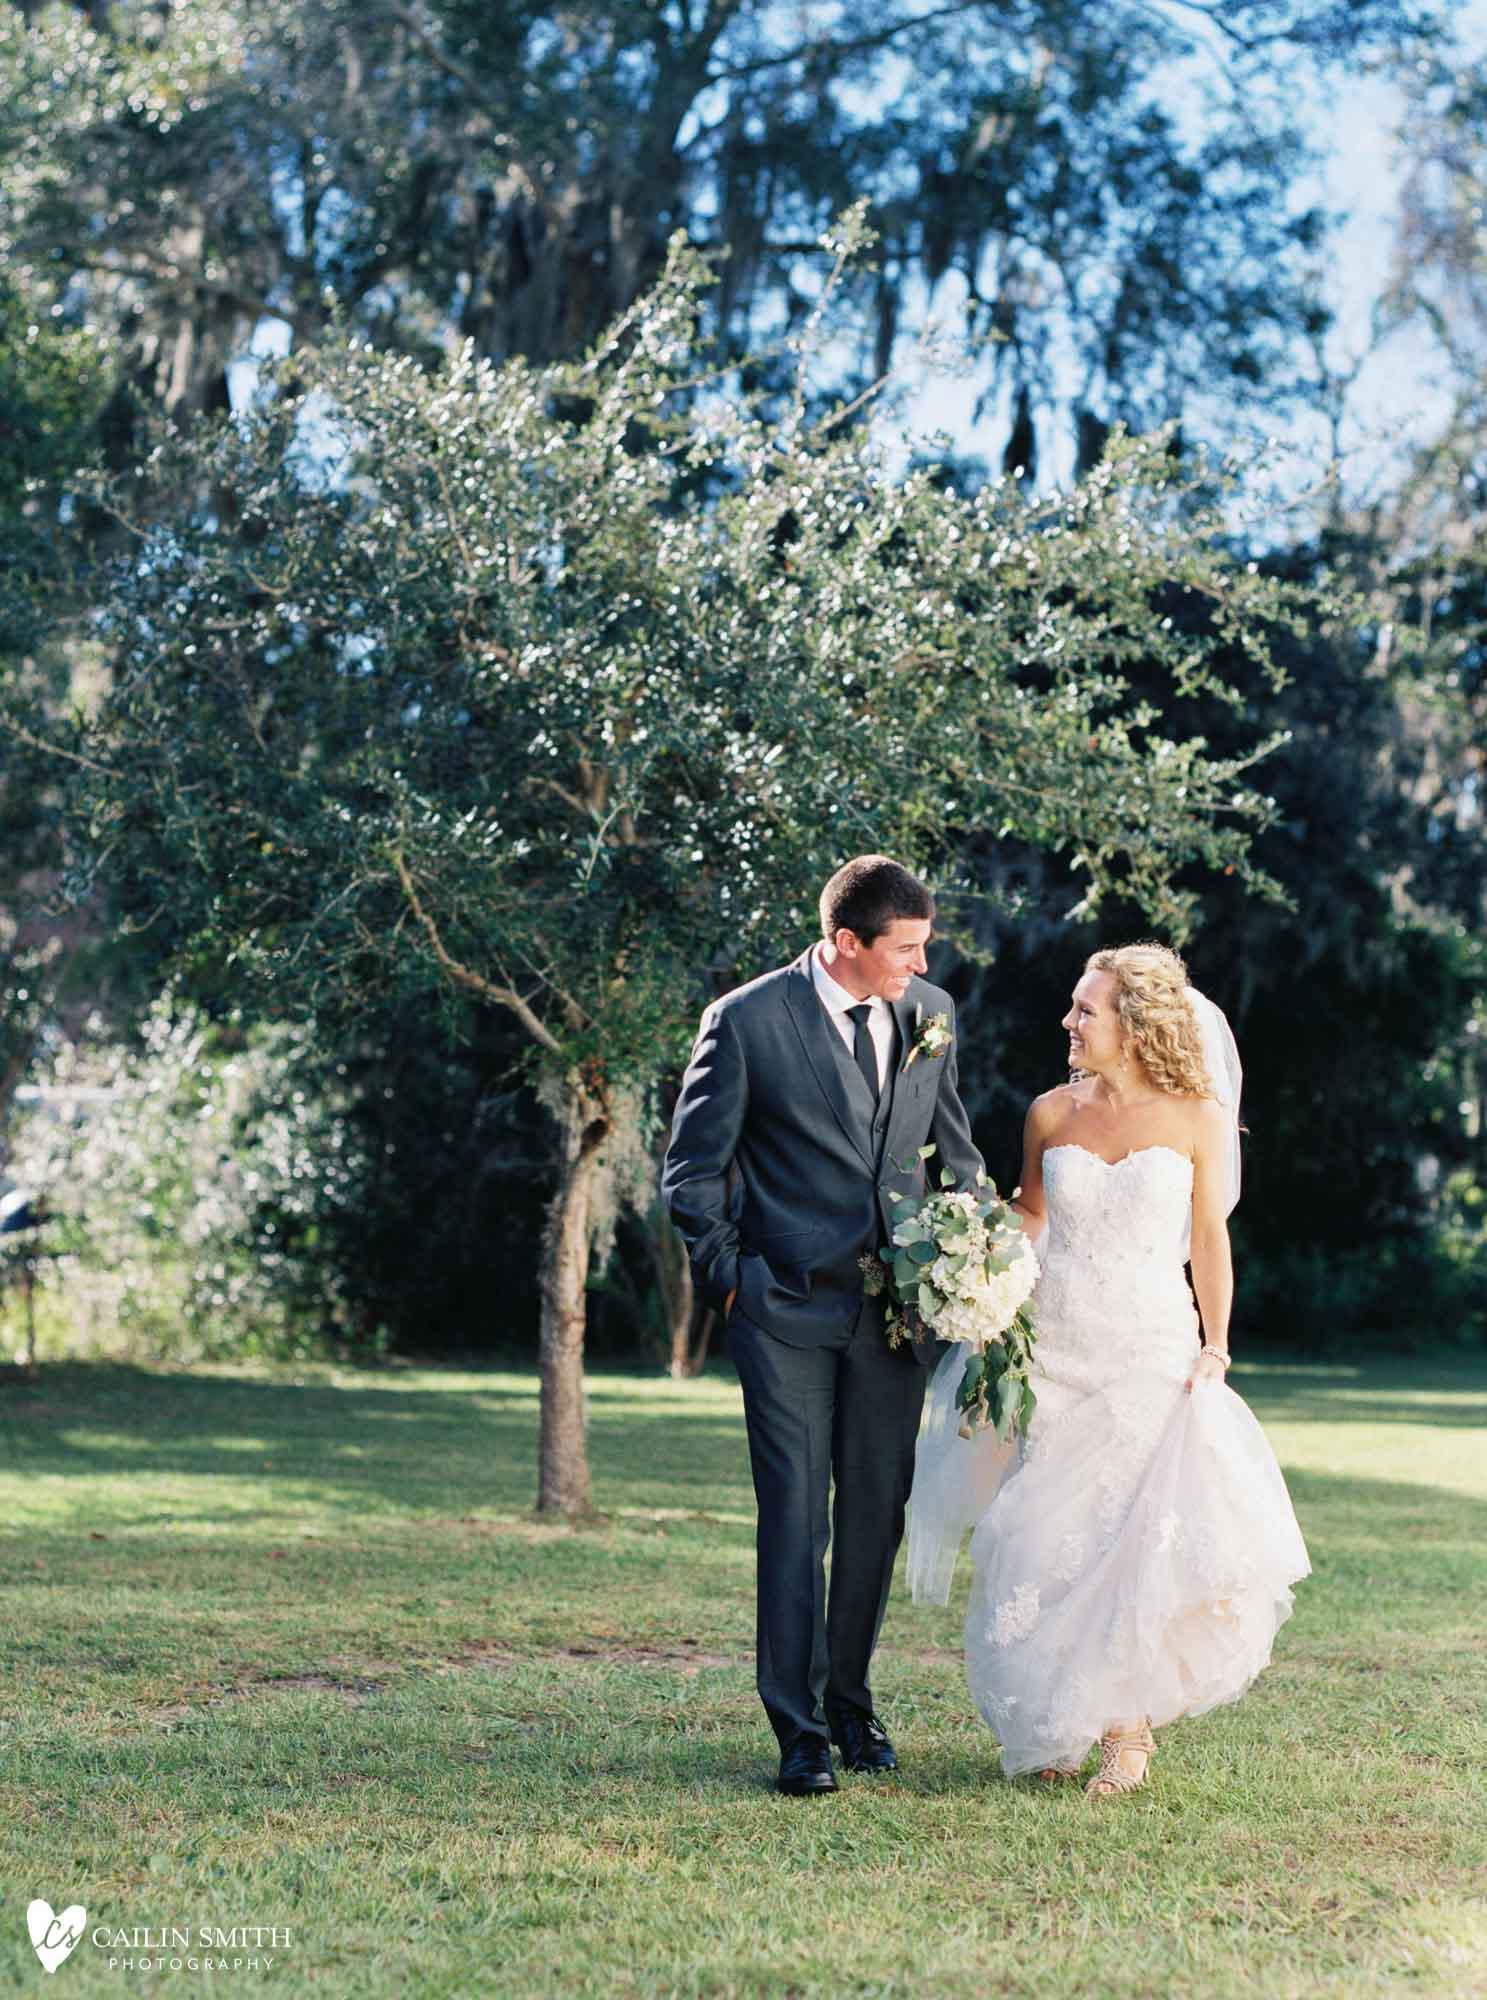 Leah_Major_St_Marys_Wedding_Photography_050.jpg